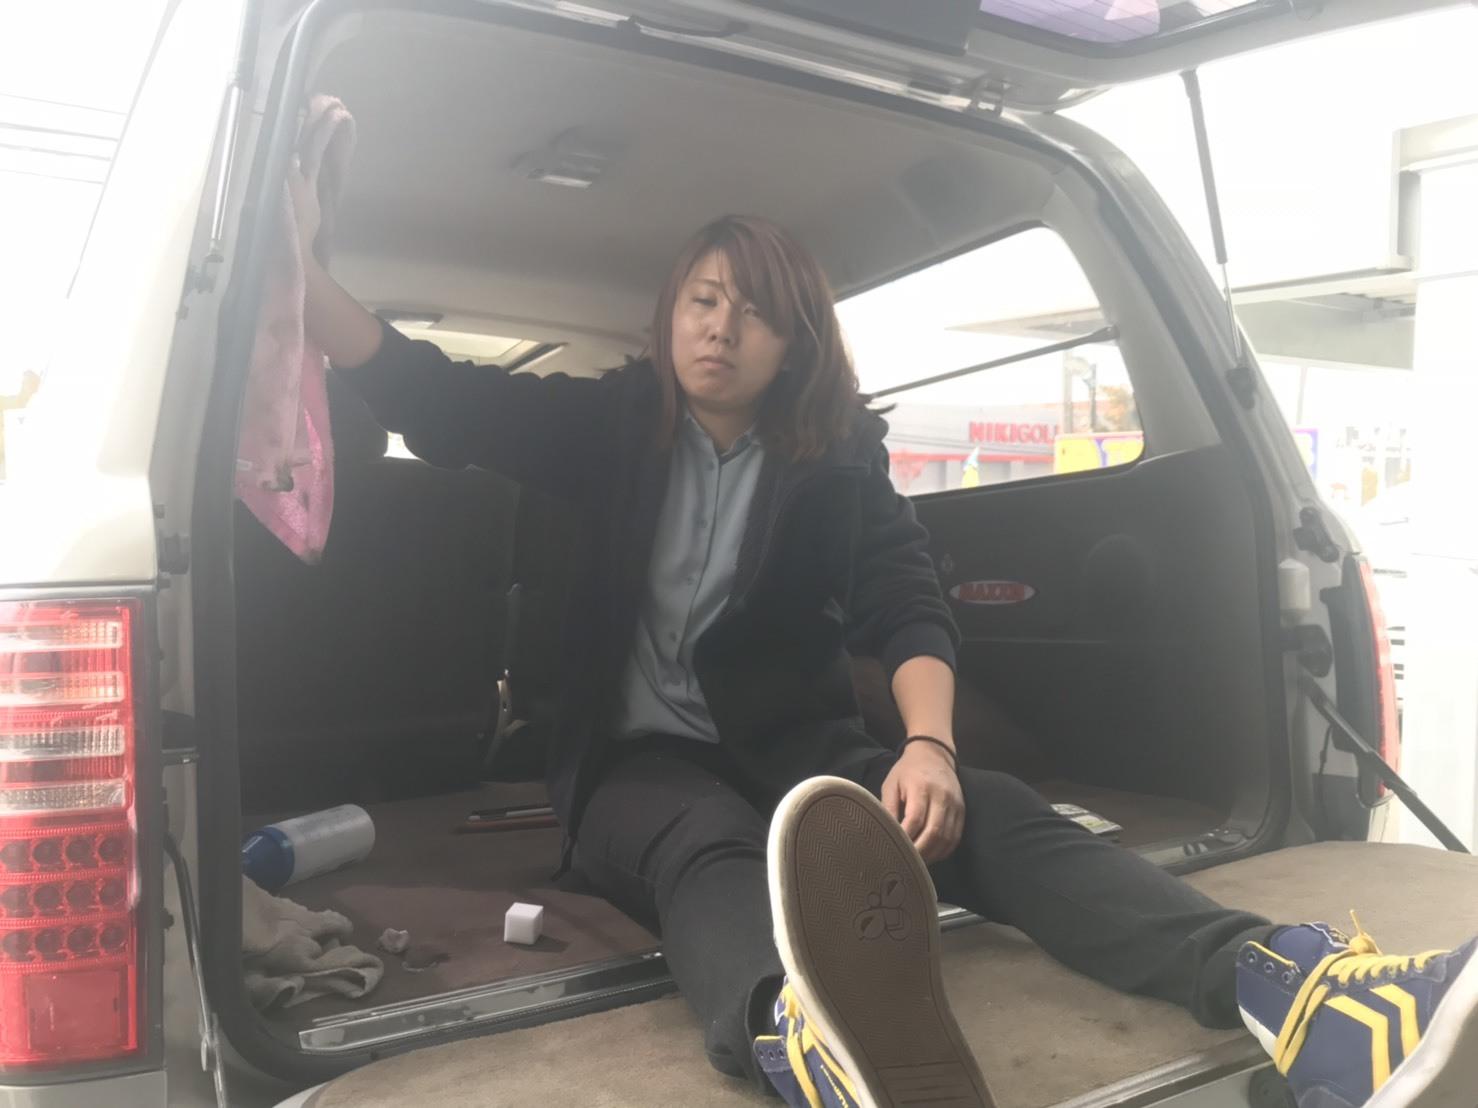 10月13日(土)✿ランクル80F様&ベンツSL350A社様納車(゜゜)♡タントK様ご成約(^^)/_b0127002_18232471.jpg